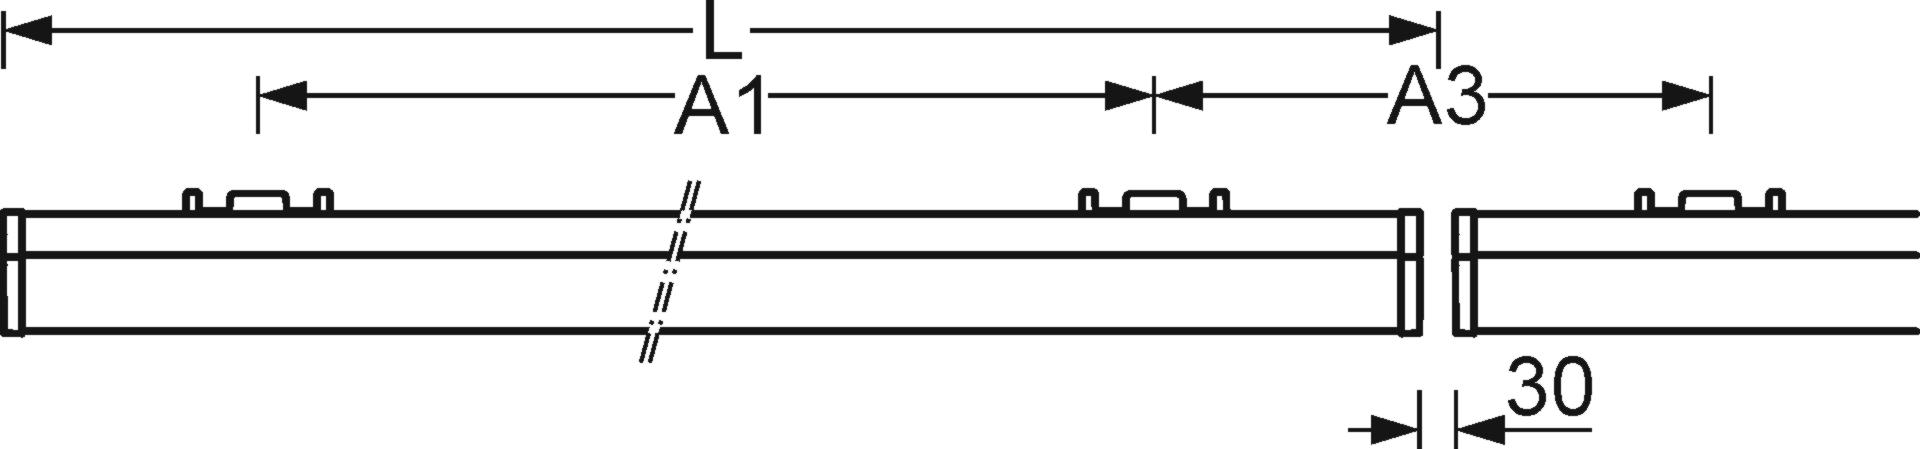 Längsschnitt   (L)